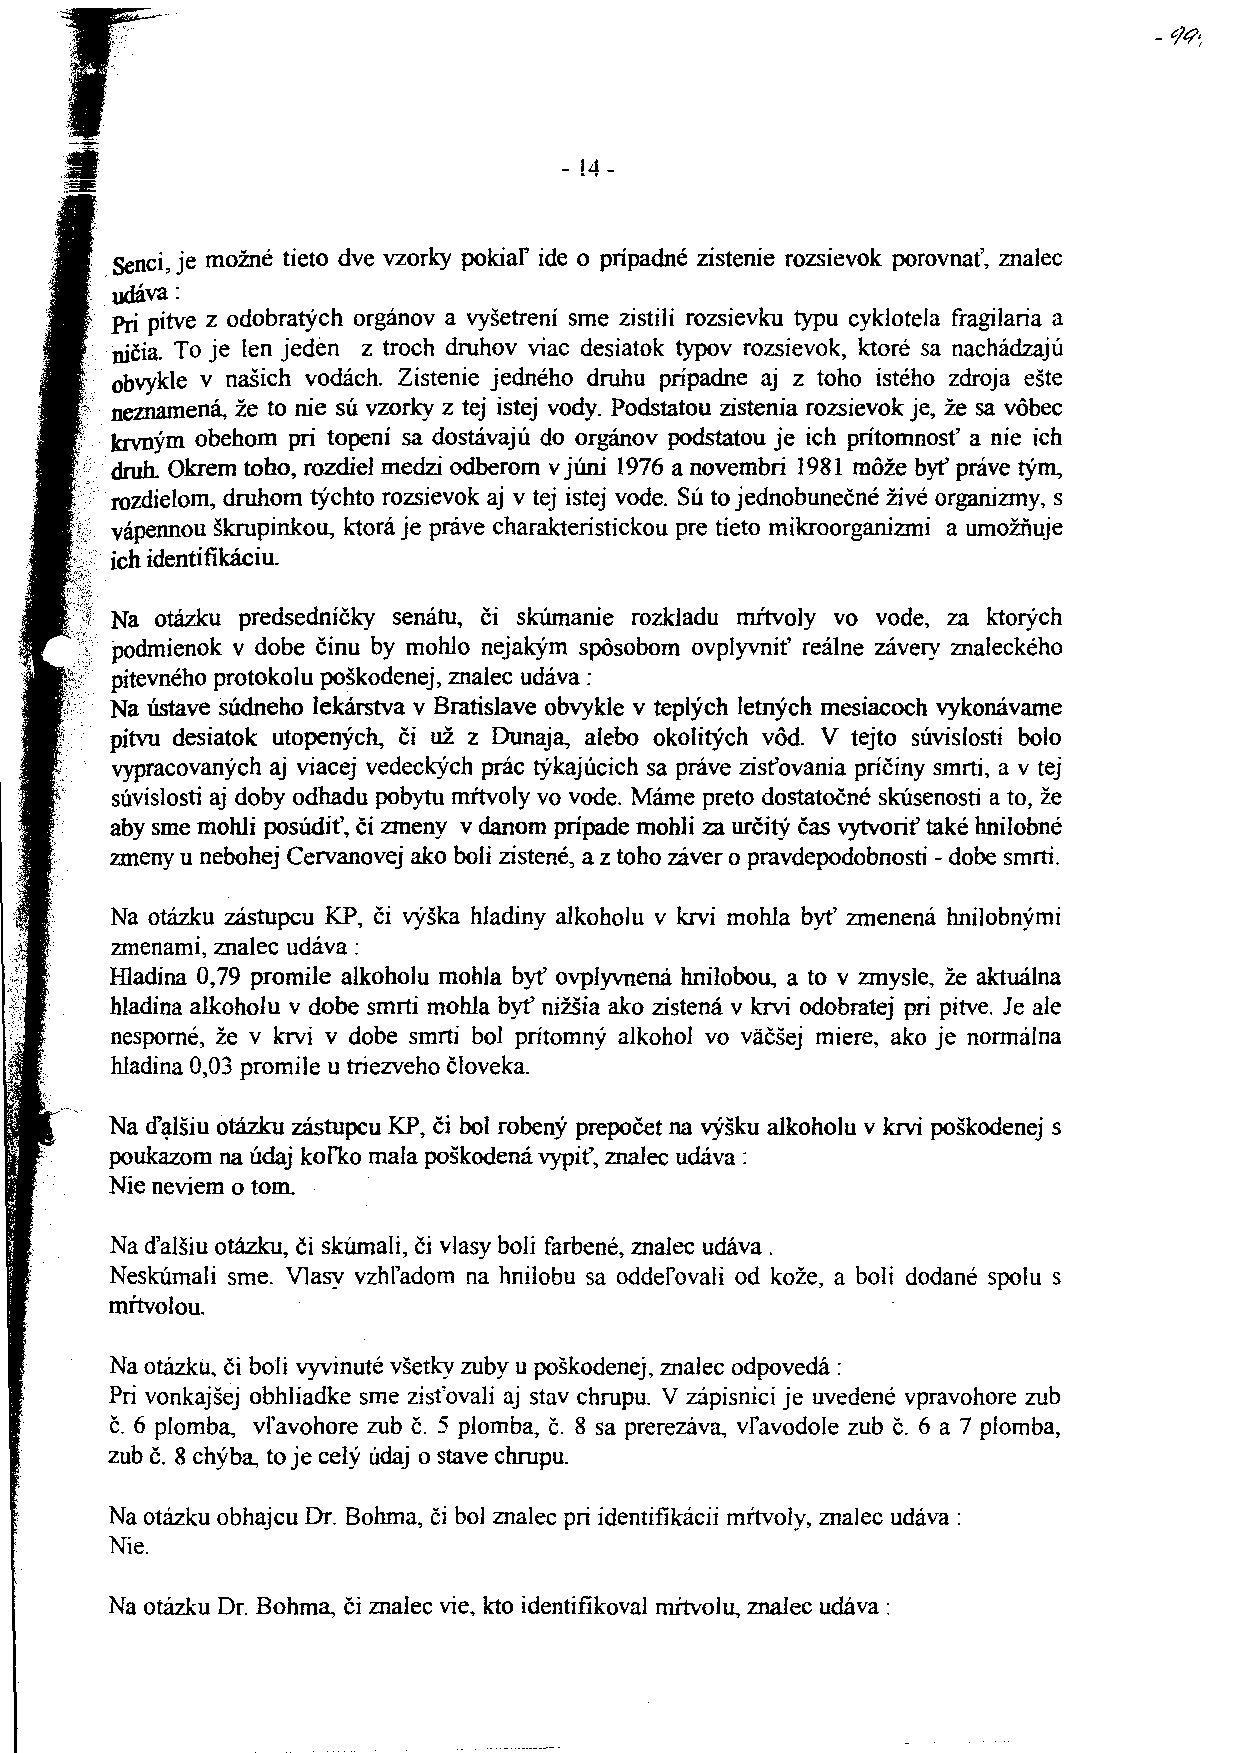 3 metódy dátumové údaje artefakt Petra Němcová datovania 2016